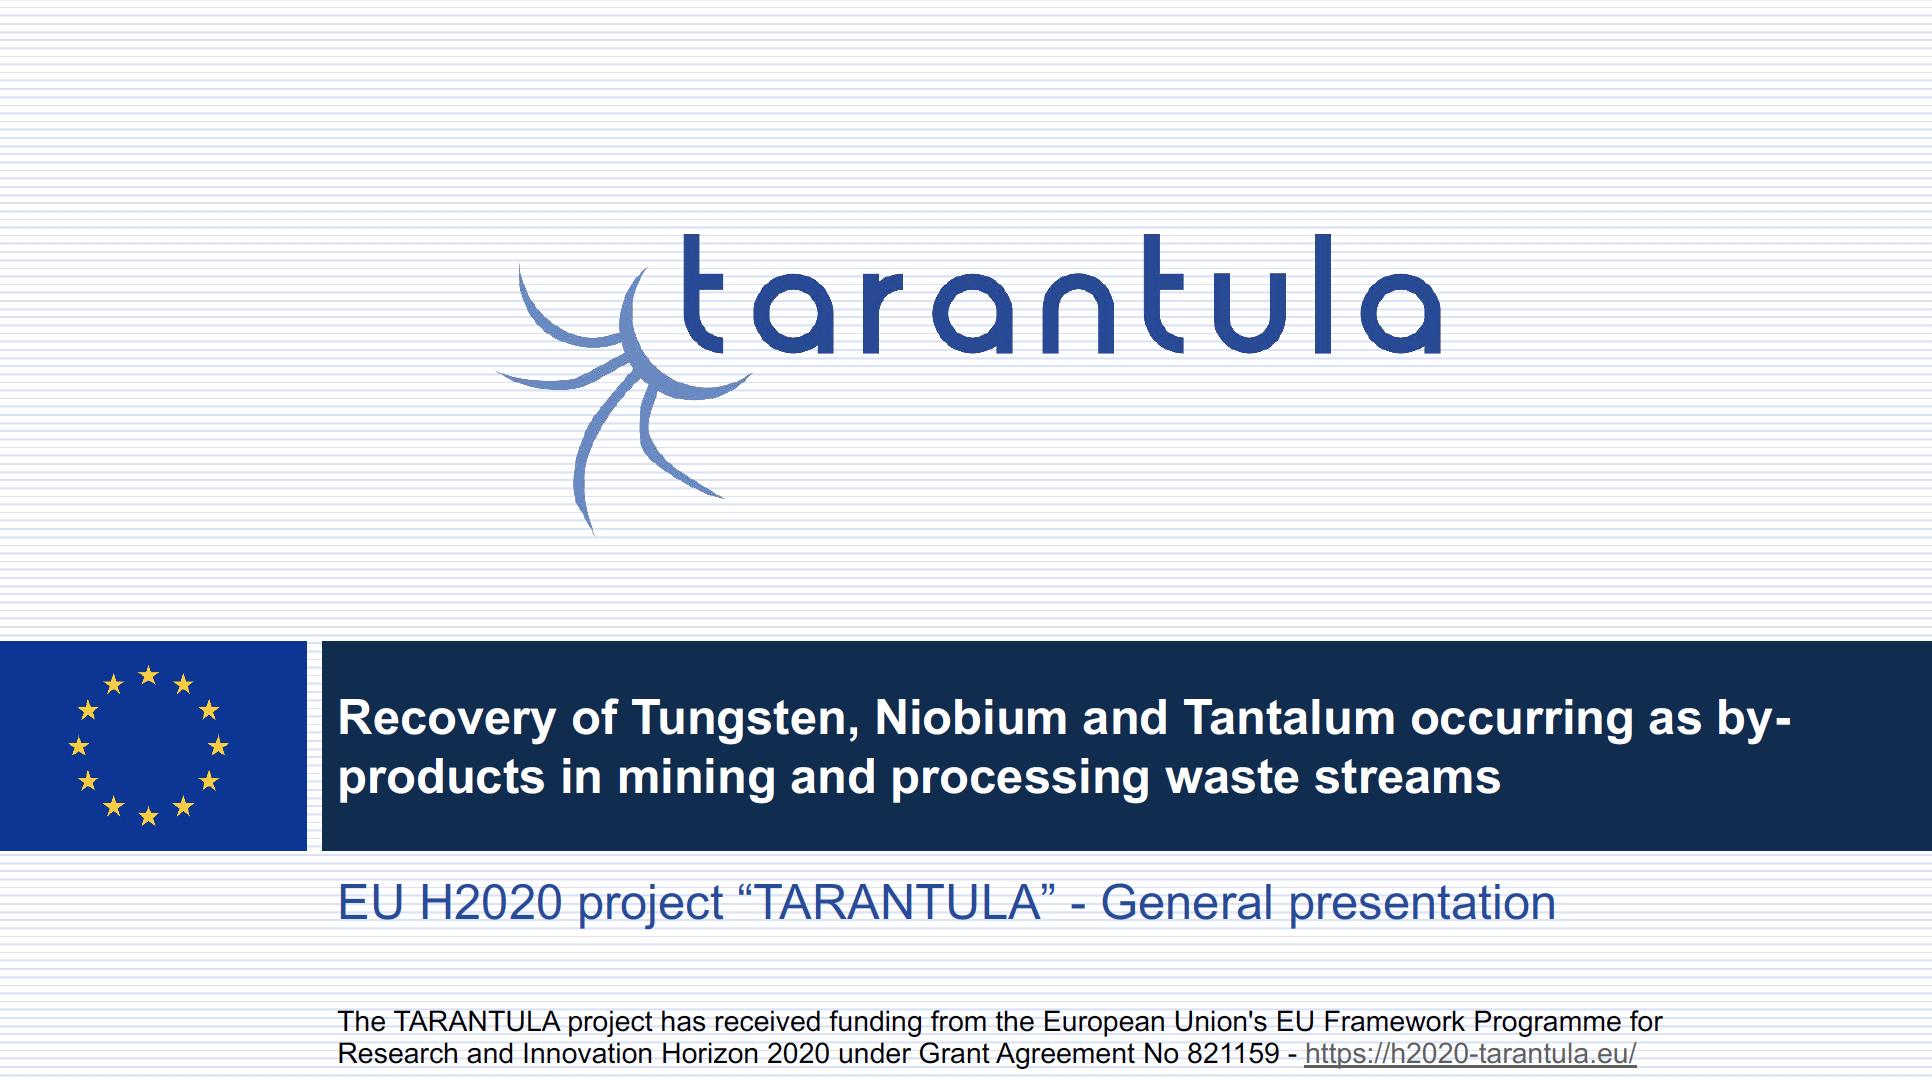 TARANTULA General Presentation